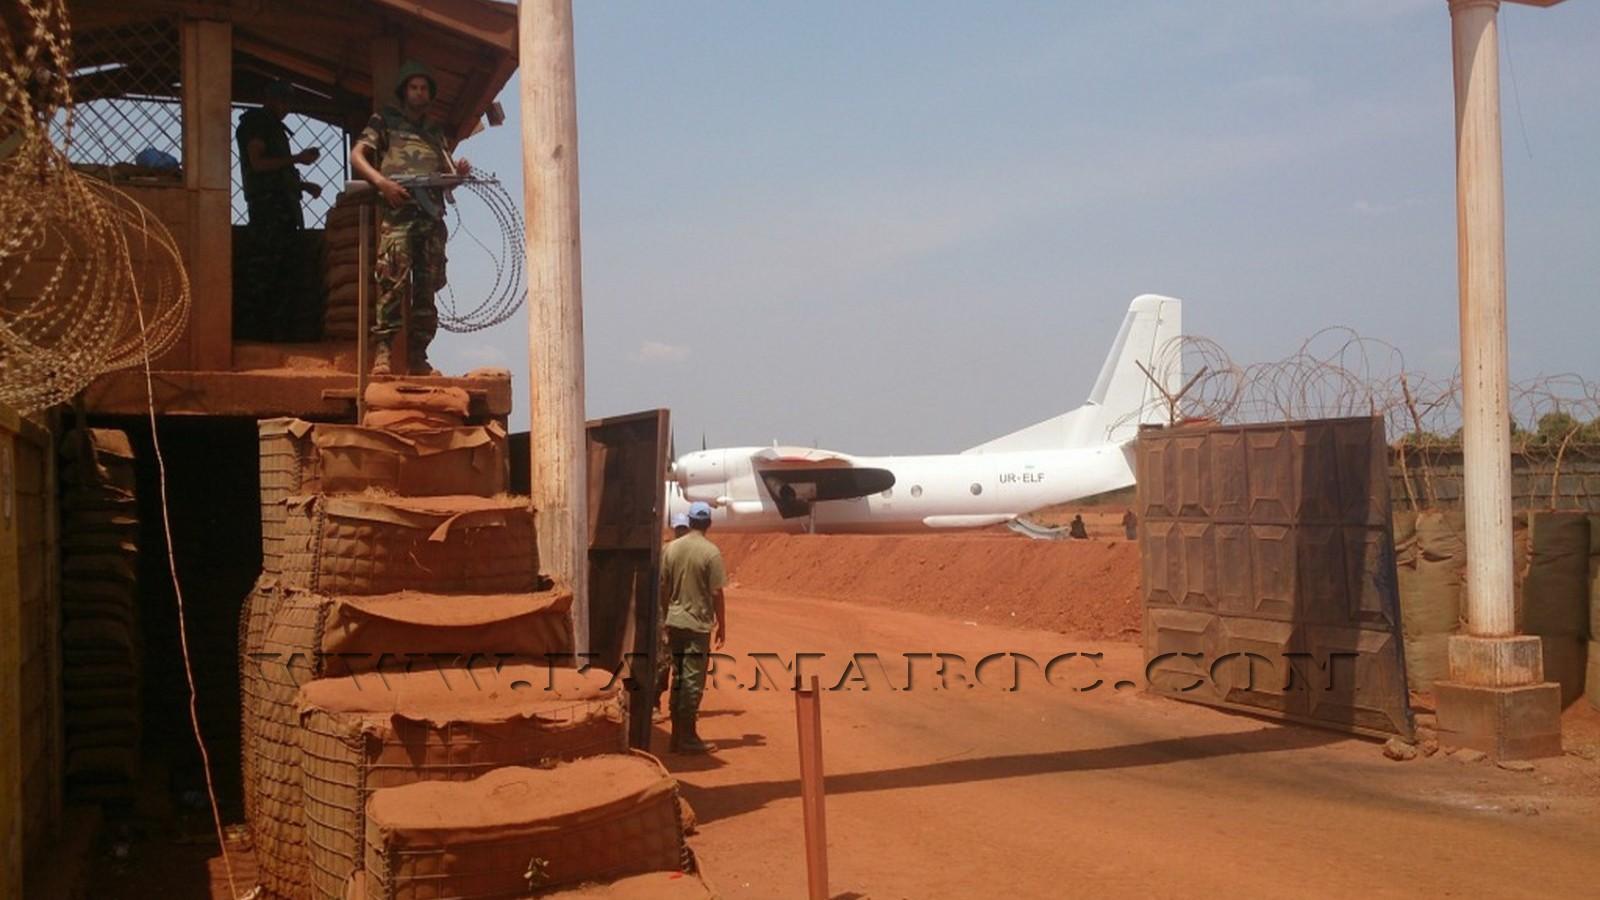 Maintien de la paix dans le monde - Les FAR en République Centrafricaine - RCA (MINUSCA) 04_00010